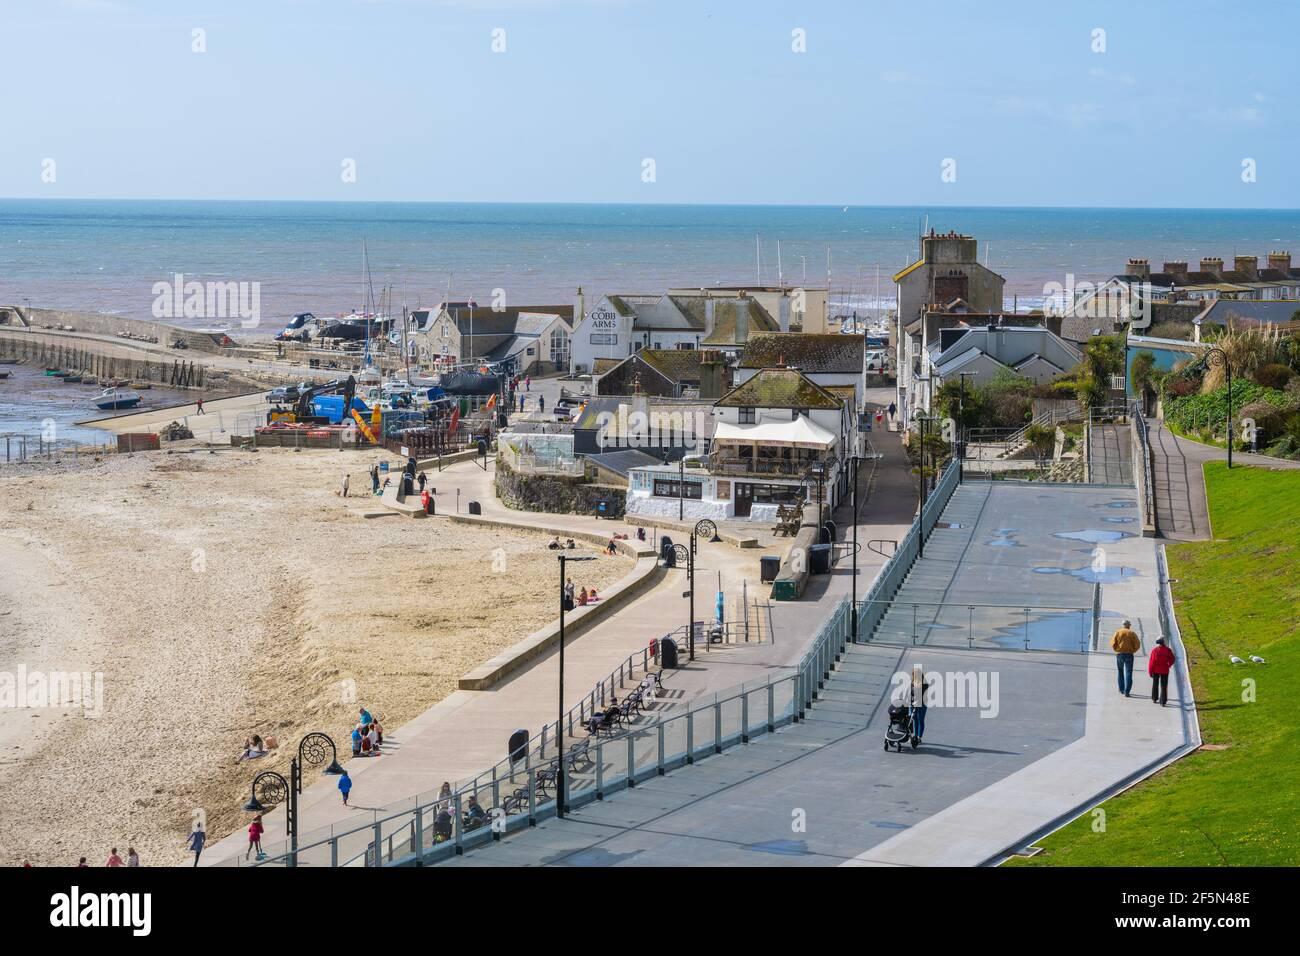 Lyme Regis, Dorset, Reino Unido. 27th de marzo de 2021. Tiempo en el Reino Unido: Después de un comienzo frío, había un montón de rachas de sol en la estación costera de Lyme Regis hoy. La gente de la zona estaba a punto de disfrutar del sol de primavera, pero la playa era tranquila para esta época del año. Se espera que la bonita ciudad costera esté más ocupada la próxima semana, ya que las restricciones de bloqueo de coronavirus finalmente comienzan a aliviarse. Crédito: Celia McMahon/Alamy Live News Foto de stock